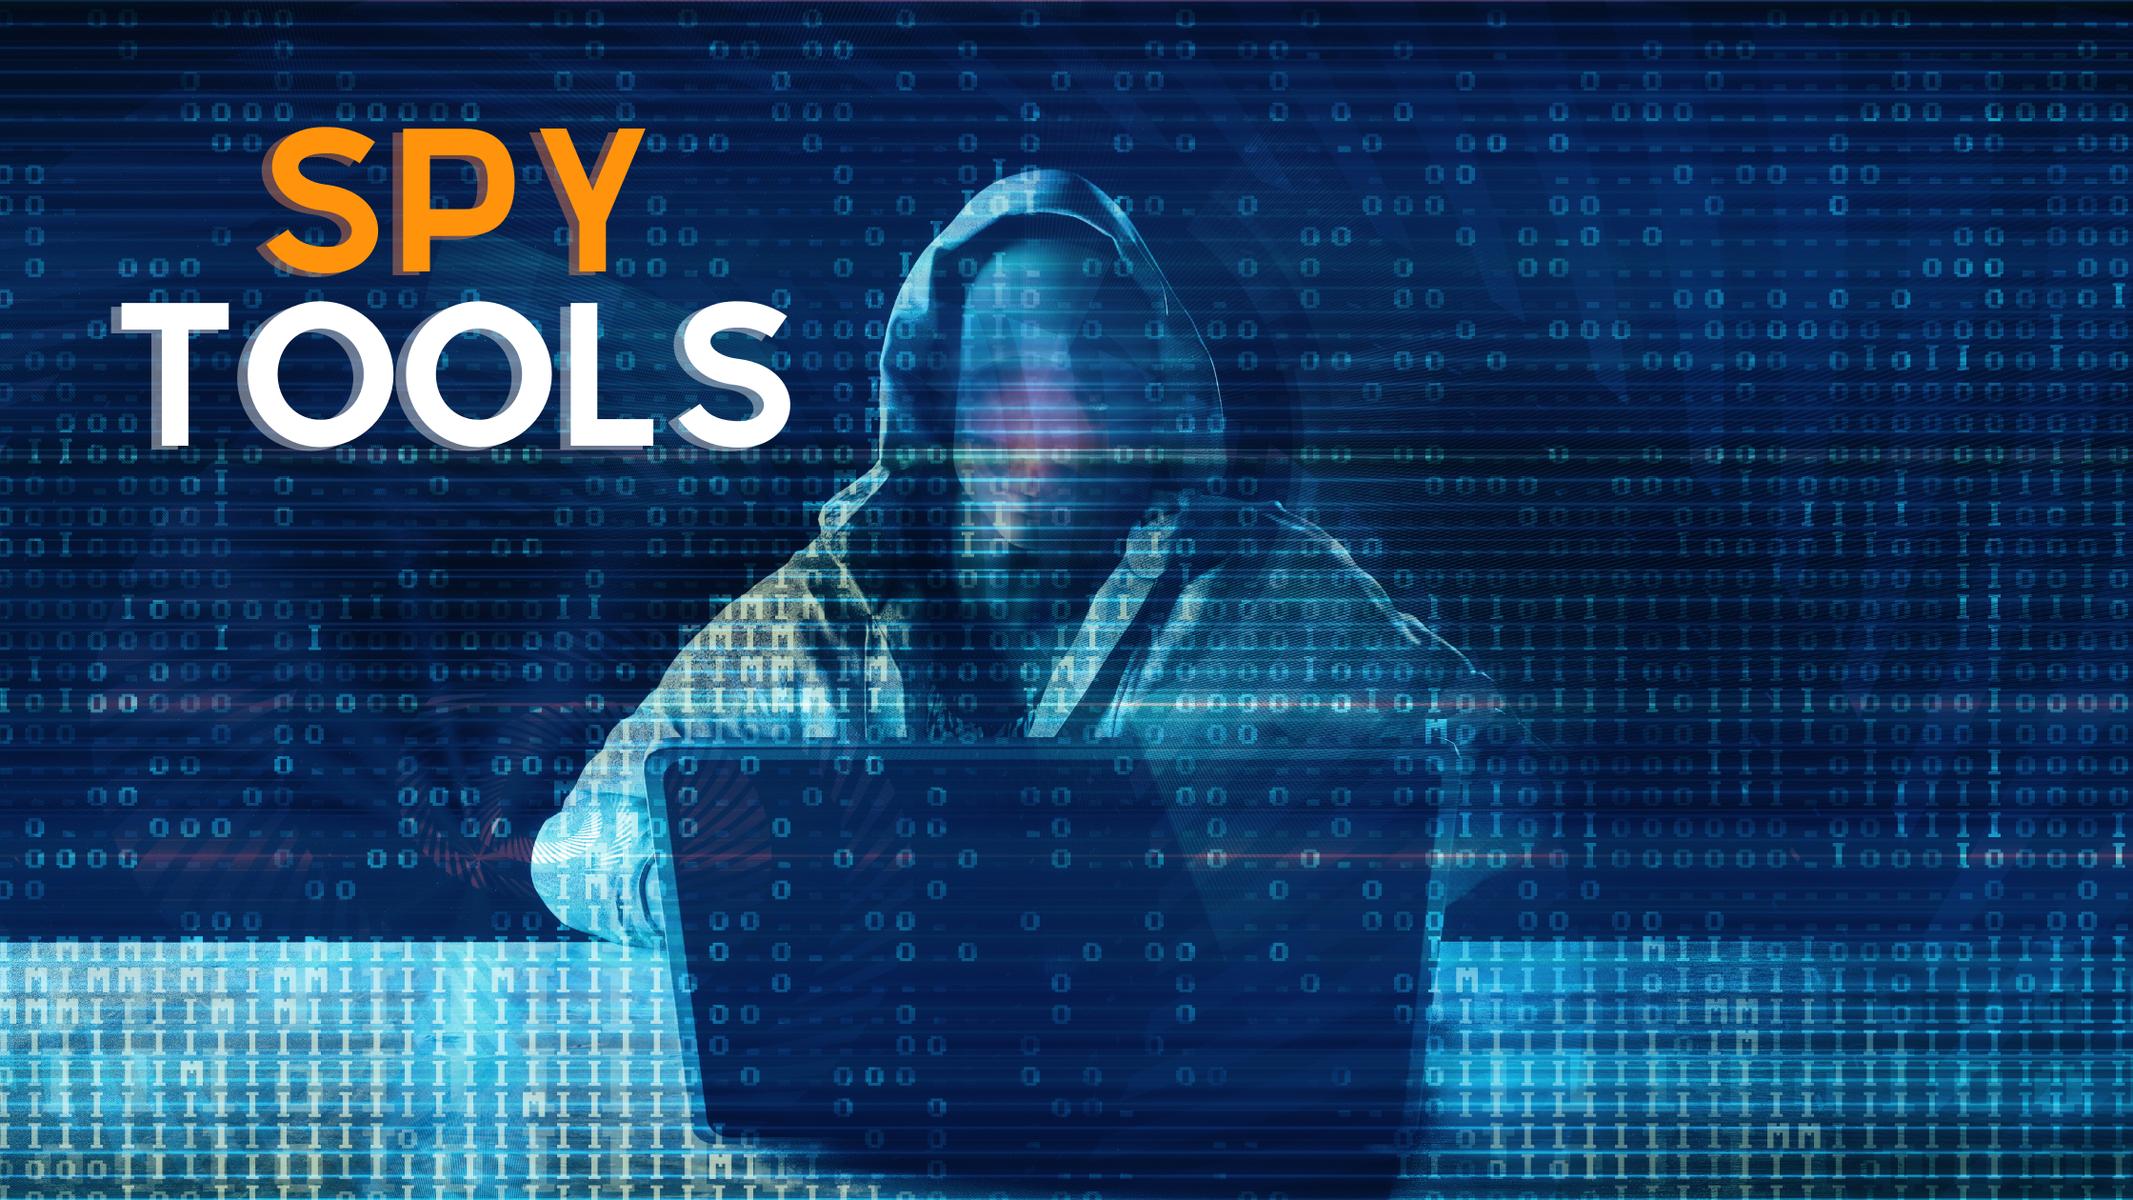 Spy tools image